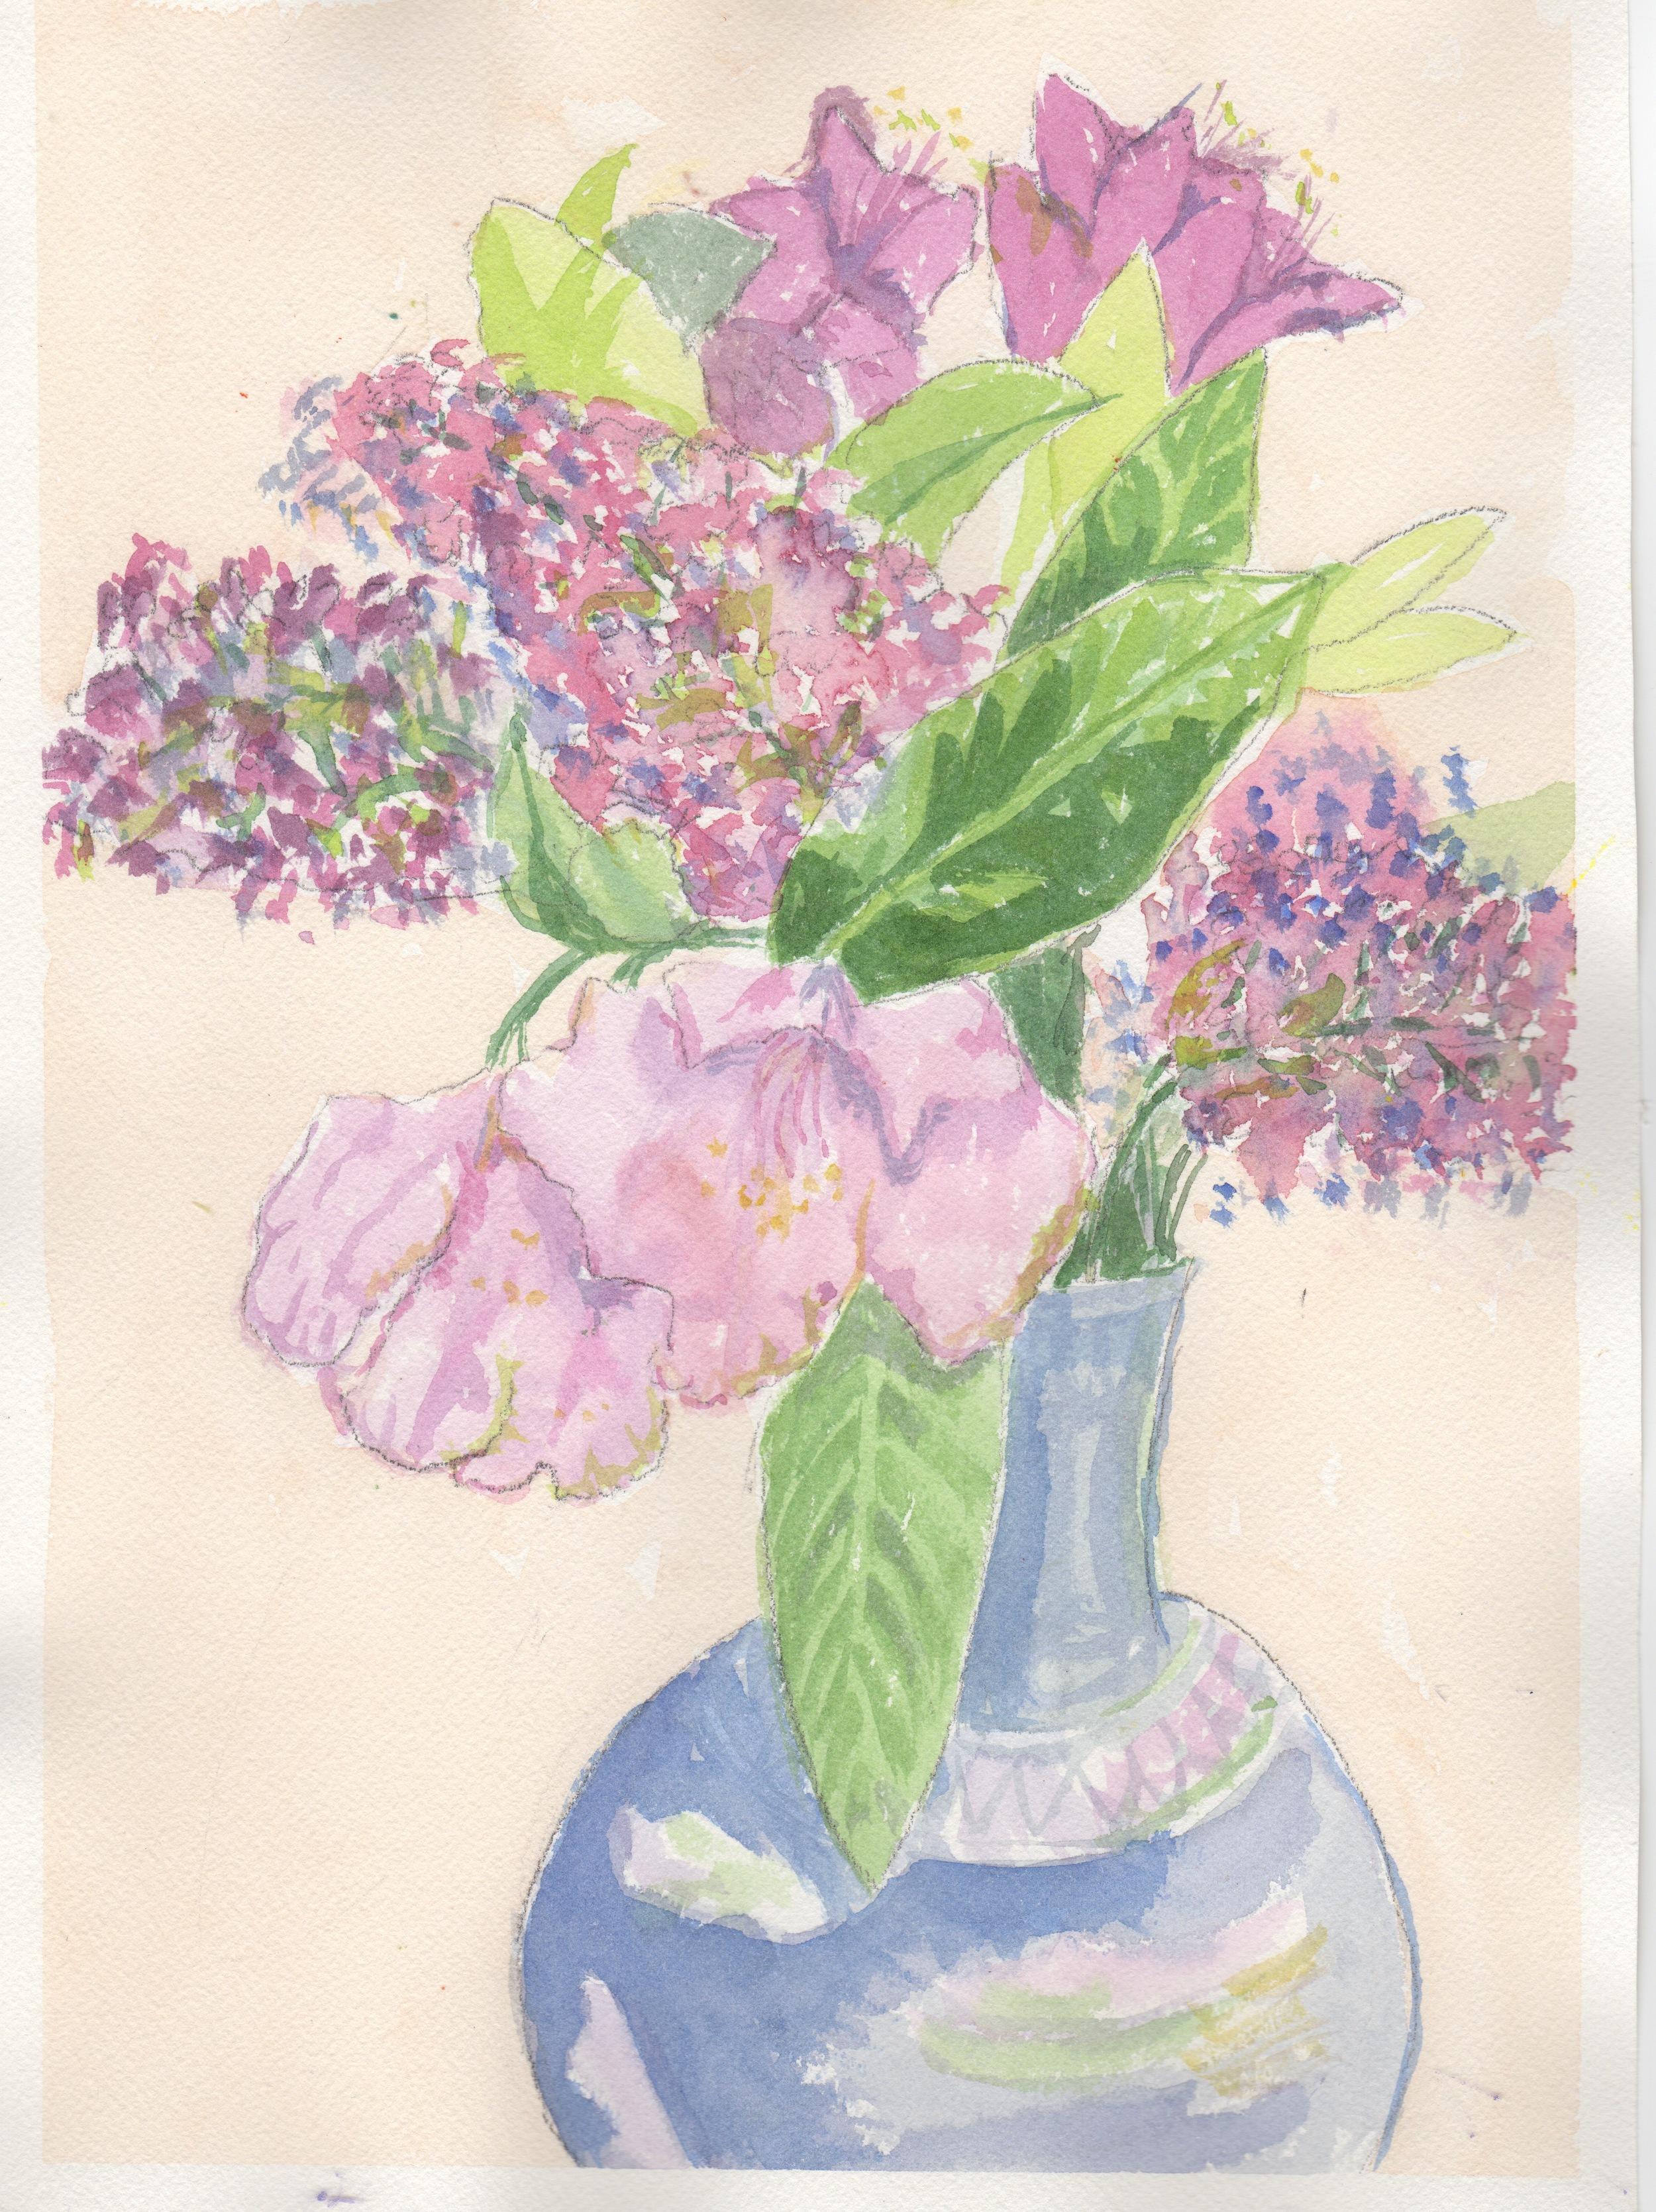 A girl's bouquet